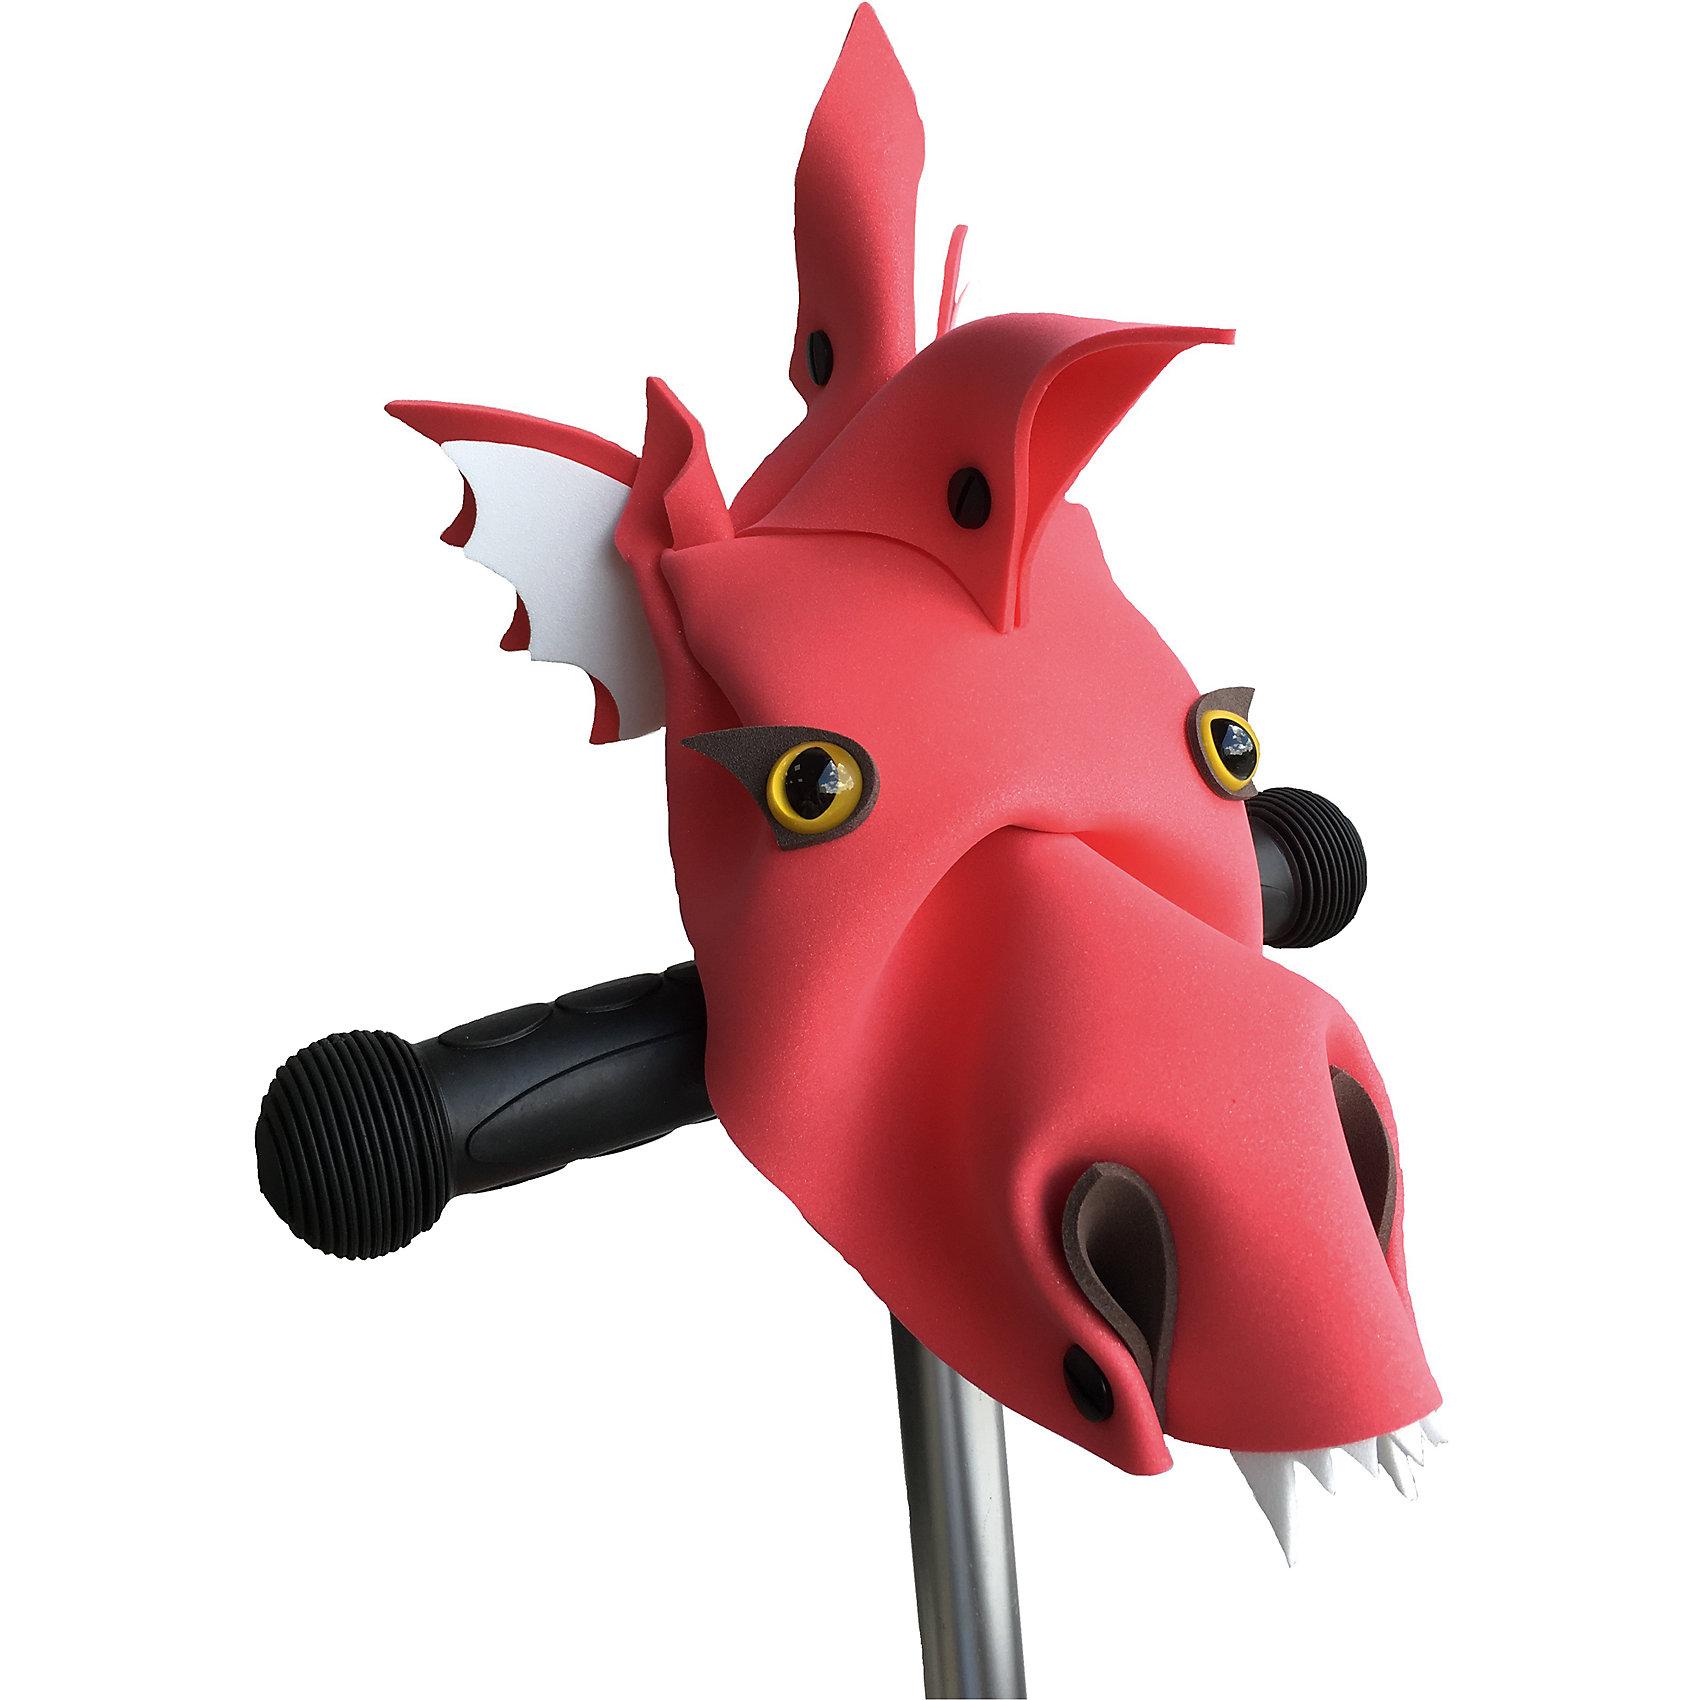 Руль Красный дракон Дракоша, PandaPuzzleРазвивающие игры<br>Руль Красный дракон Дракоша, PandaPuzzle ? аксессуар для велосипедов, самокатов и беговелов от отечественного торгового бренда. Руль изготовлен из экологических материалов: полимерного материала, пластика и бумаги. Забавный аксессуар, который крепится на руль, выполнен в форме головы дракона. Данная деталь украсит велосипед, самокат или беговел и сделает средство передвижения вашего ребенка ярким, красочным и уникальным. Набор состоит из модели головы героя, глаз, крепежа и инструкции. Аксессуар подходит только для Т-образных рулей.<br>Руль Красный дракон Дракоша, PandaPuzzle упакован в тубус.<br><br>Дополнительная информация:<br><br>- Вид игр: подвижные игры<br>- Предназначение: для дома, для прогулки<br>- Материал: ЭВА (полимерный материал), пластик, бумага<br>- Цвет: красный<br>- Комплектация: модель головы героя, глаза, инструкция, крепеж<br>- Размер (Д*Ш*В): 7,5*7,5*43 см<br>- Вес: 200 г <br>- Пол: для мальчика<br>- Особенности ухода: допускается влажная чистка за исключением деталей из бумаги<br><br>Подробнее:<br><br>• Для детей в возрасте: от 3 лет и до 16 лет<br>• Страна производитель: Россия<br>• Торговый бренд: PandaPuzzle<br><br>Руль Красный дракон Дракоша, PandaPuzzle можно купить в нашем интернет-магазине.<br><br>Ширина мм: 75<br>Глубина мм: 75<br>Высота мм: 430<br>Вес г: 200<br>Возраст от месяцев: 36<br>Возраст до месяцев: 192<br>Пол: Унисекс<br>Возраст: Детский<br>SKU: 4932408